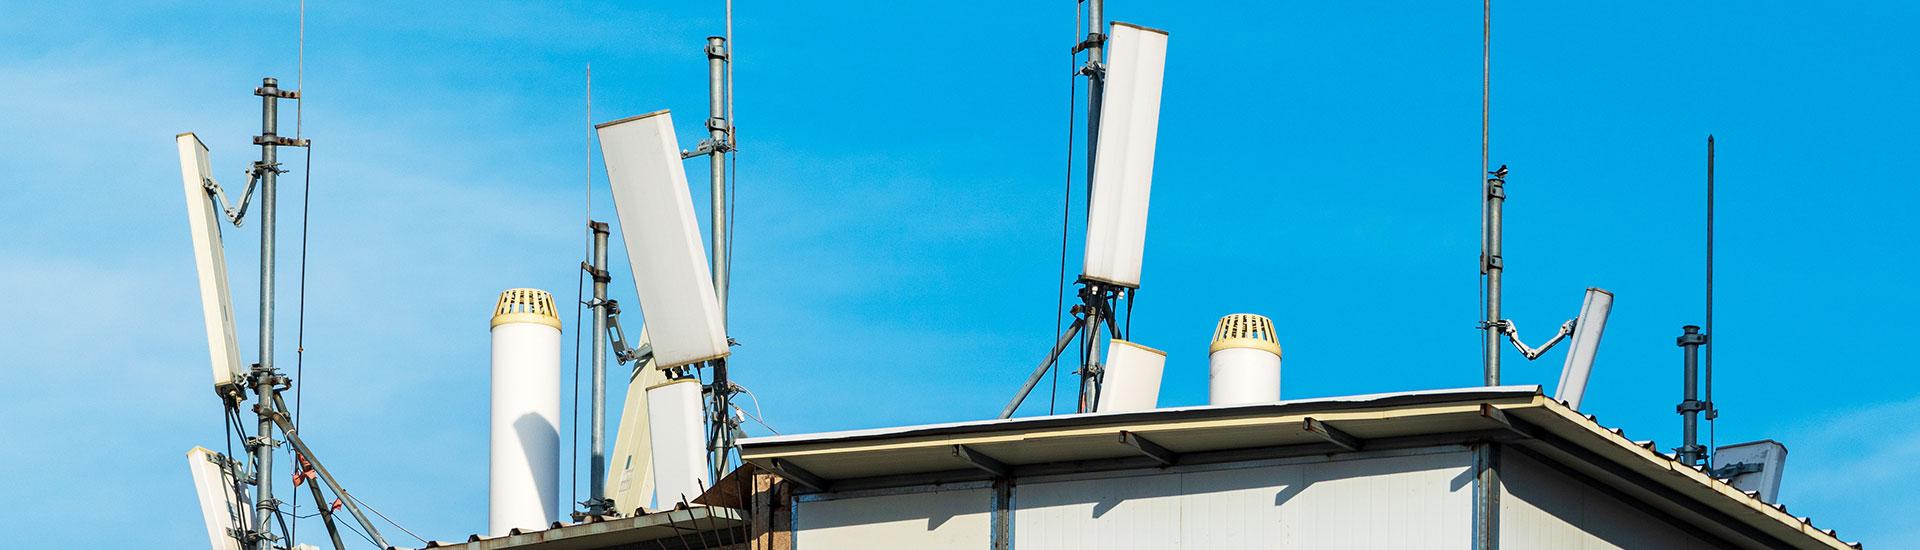 伺服轉臺,天線測試轉臺,天線測量系統